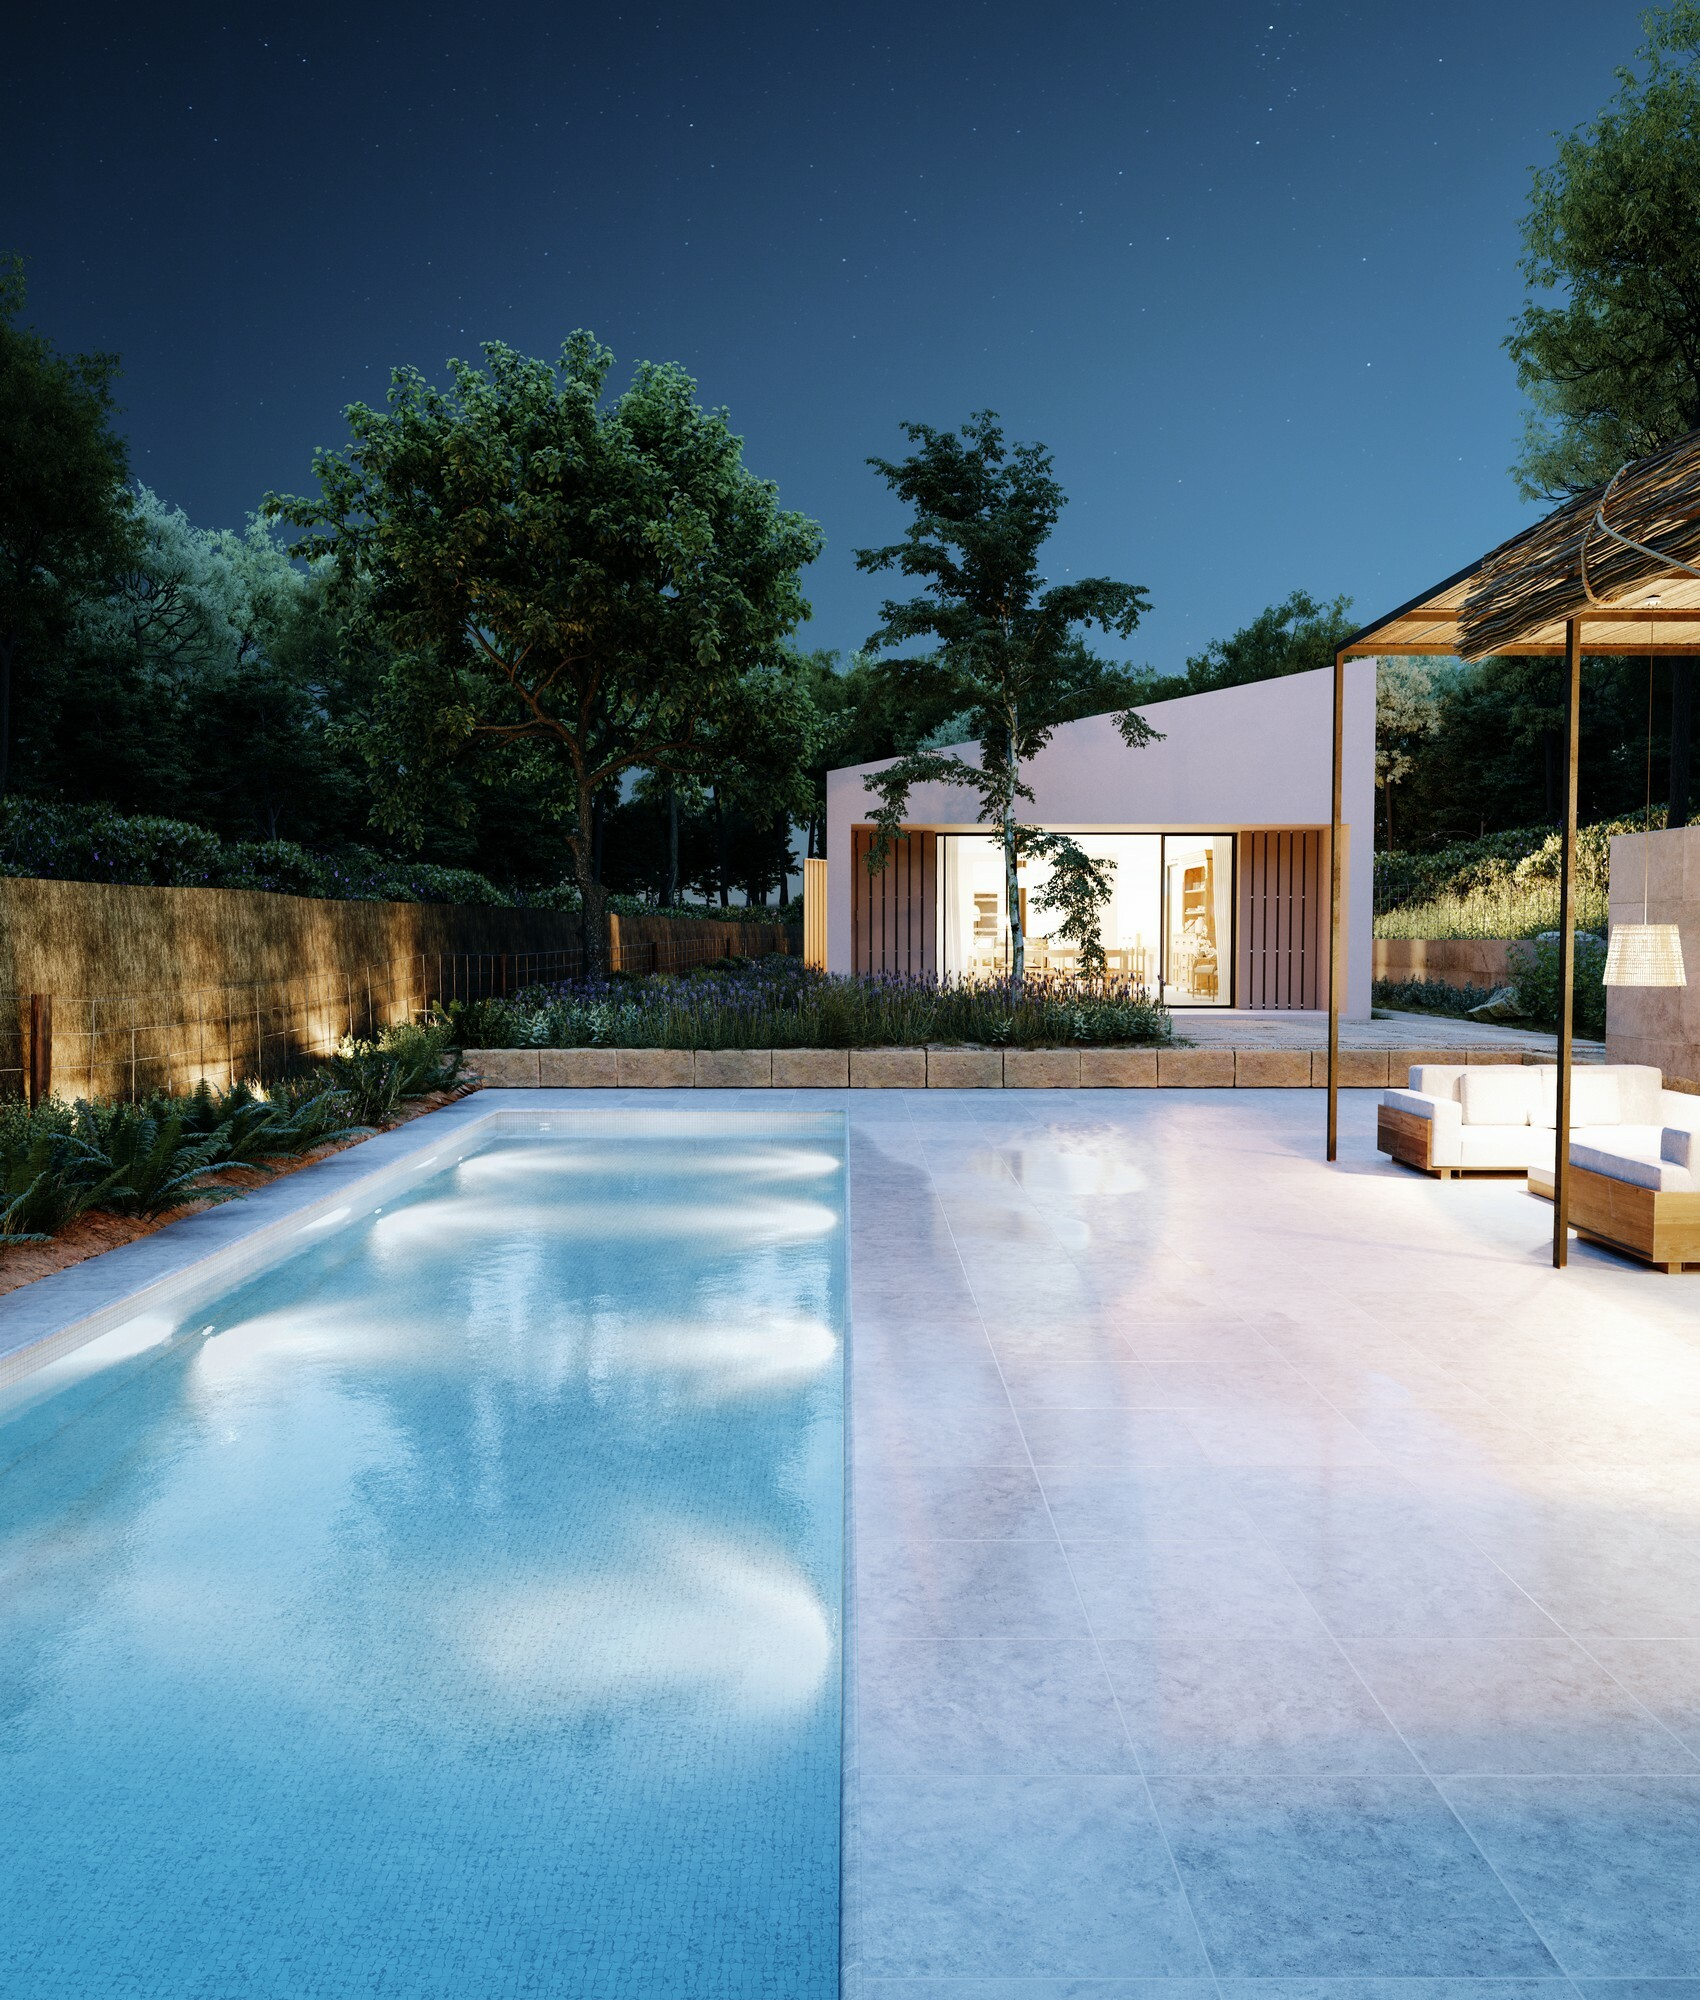 daniel-diaz-del-castillo-piscina-noche-1.jpg